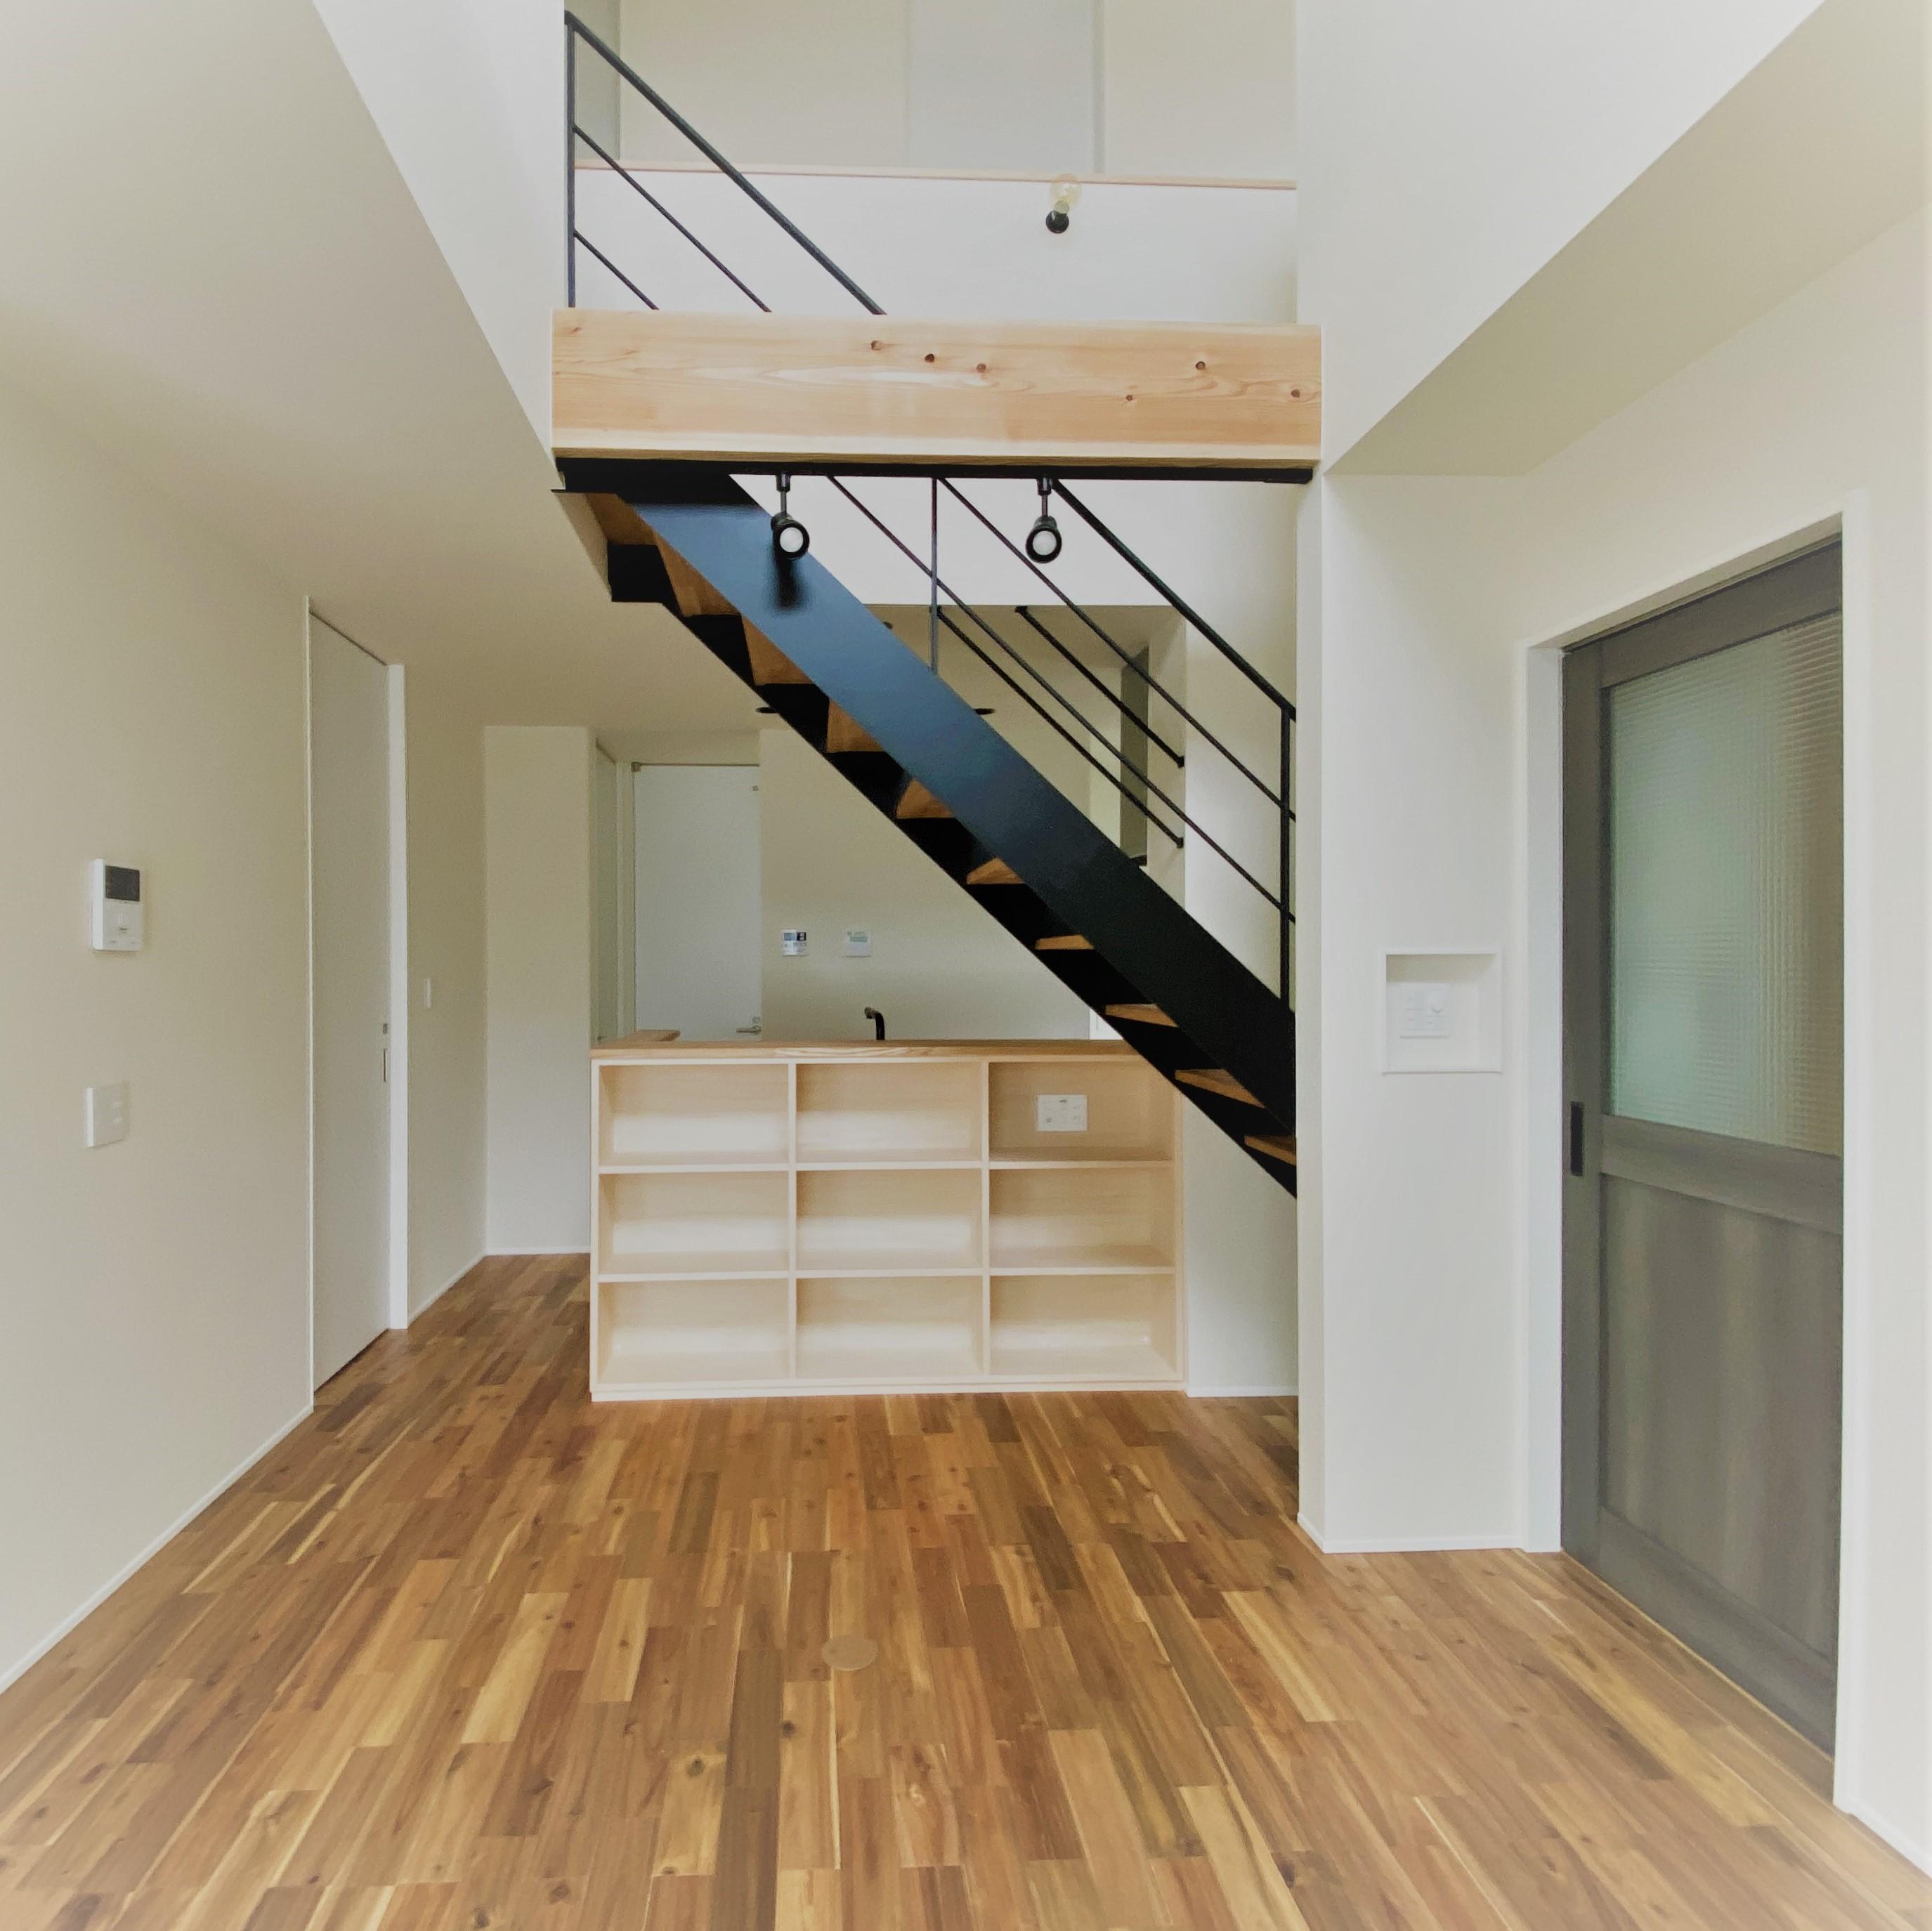 鉄骨階段や手摺